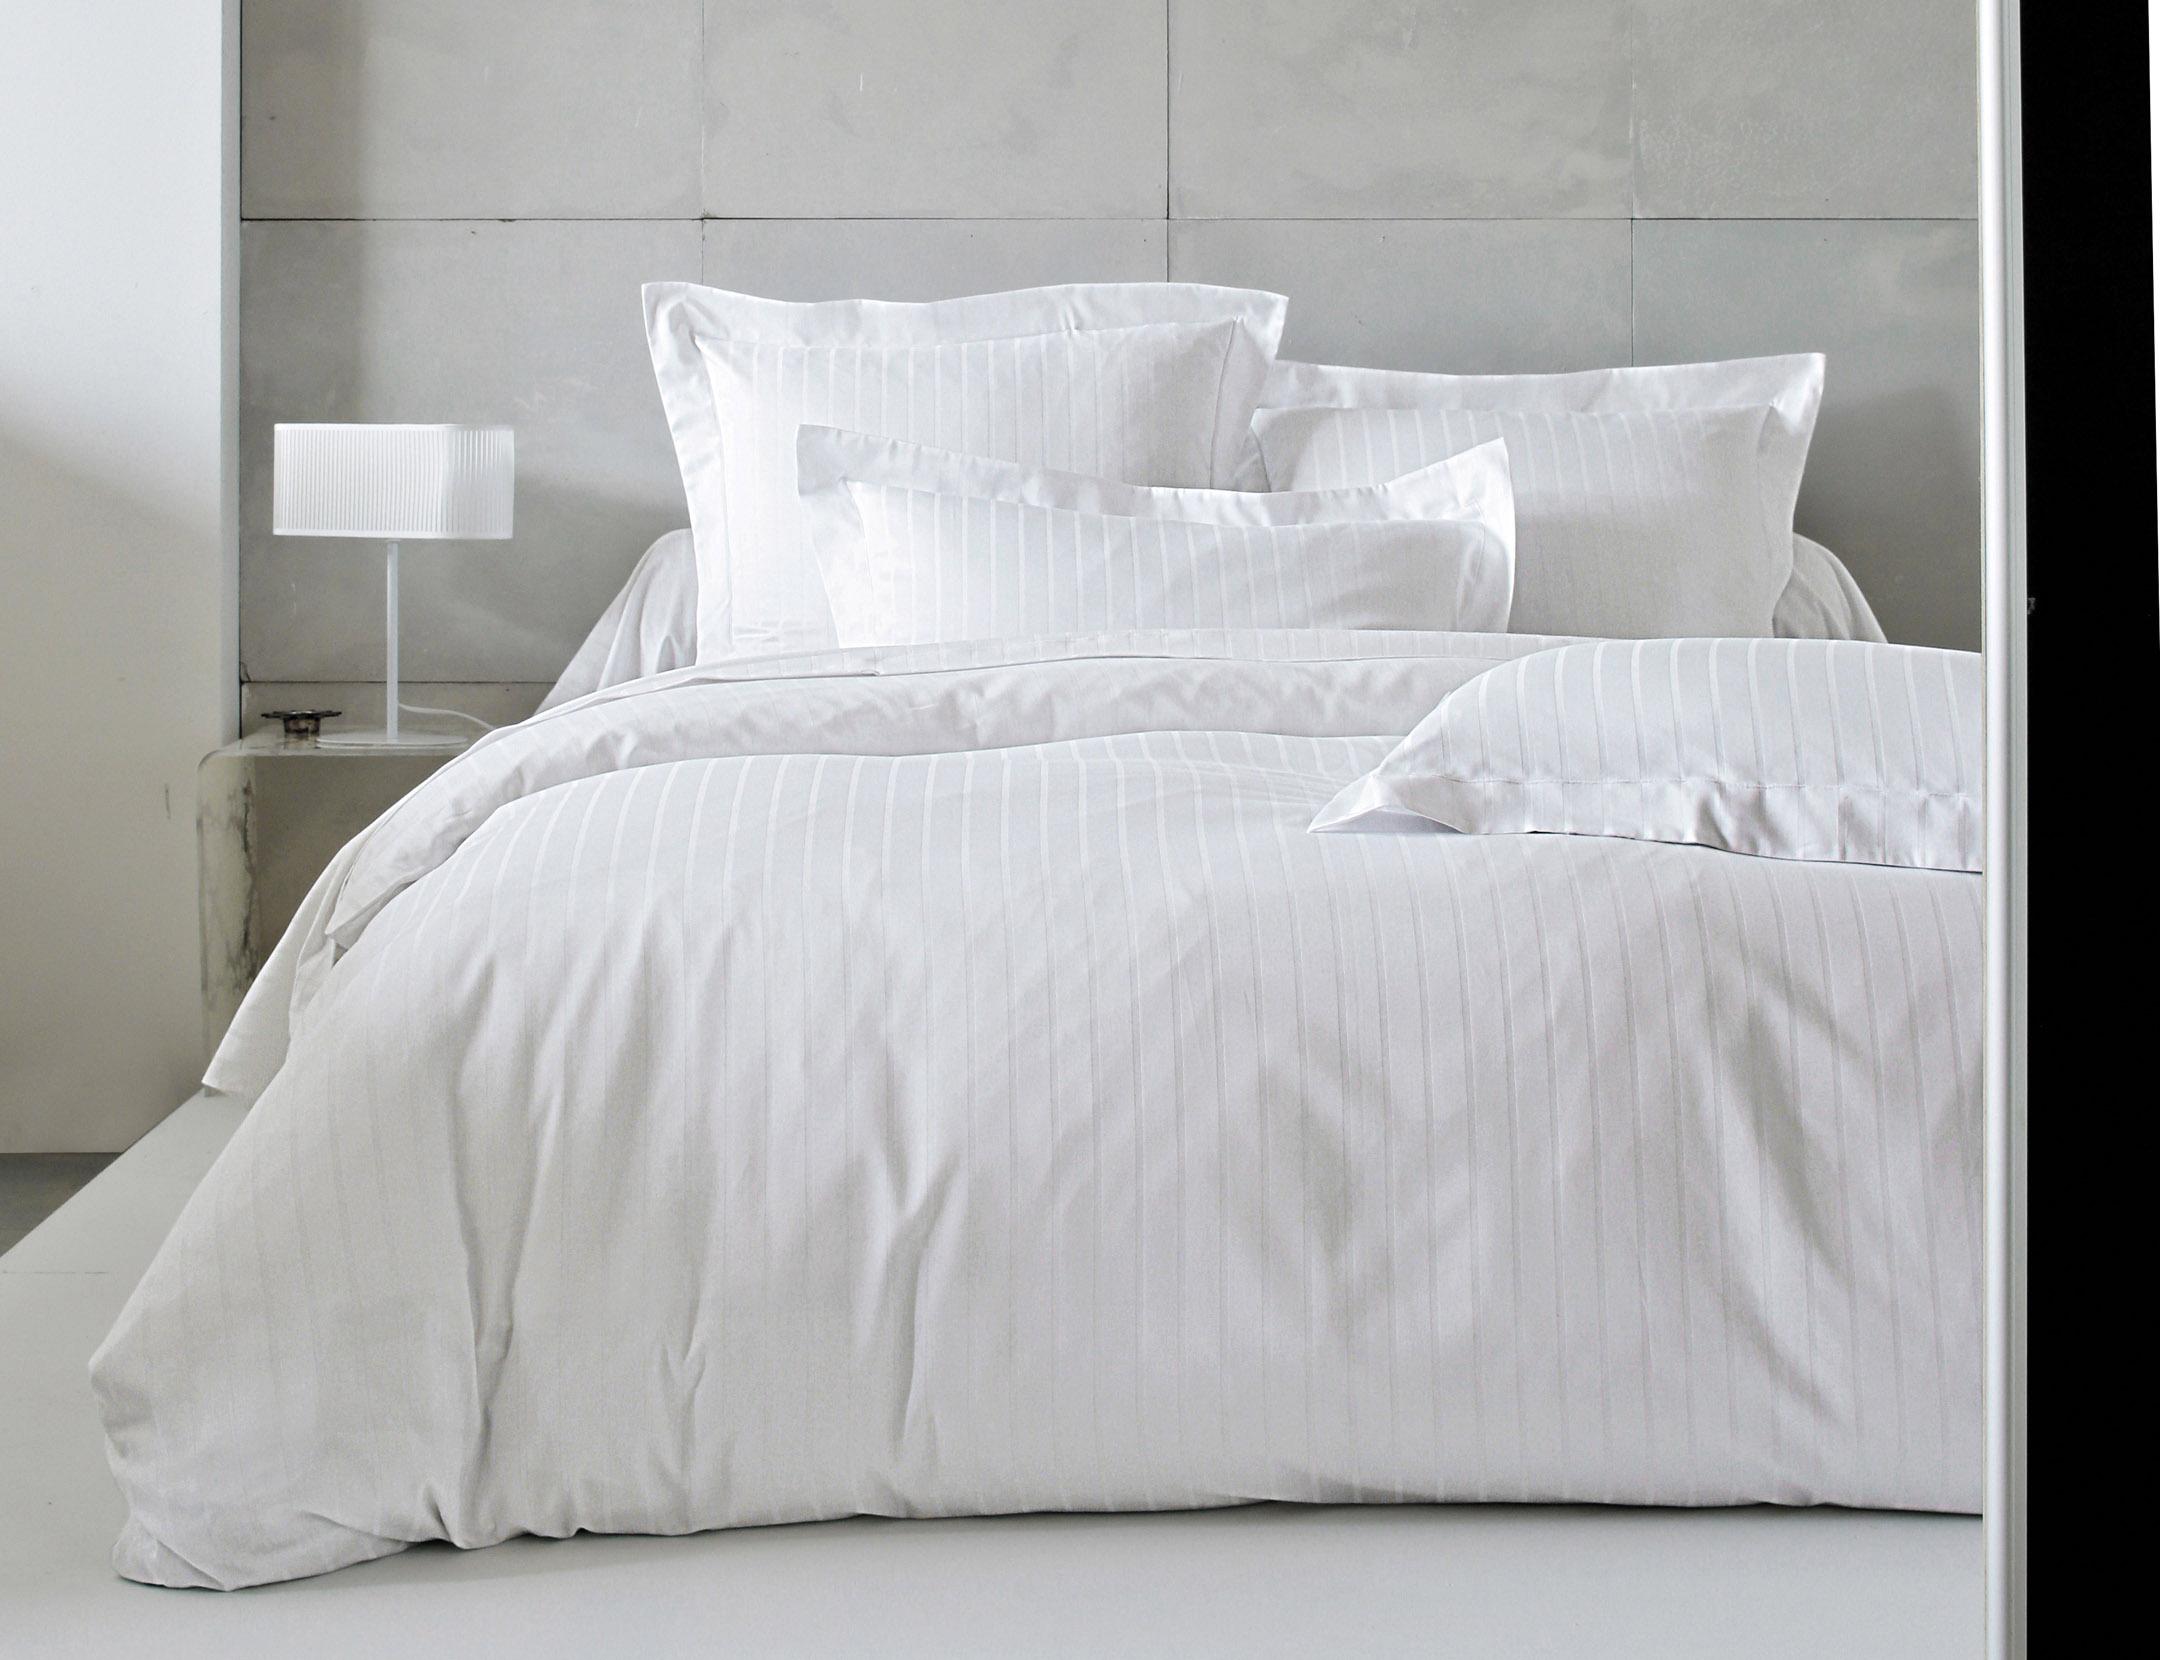 divine housse de couette la boutique blanc des vosges. Black Bedroom Furniture Sets. Home Design Ideas